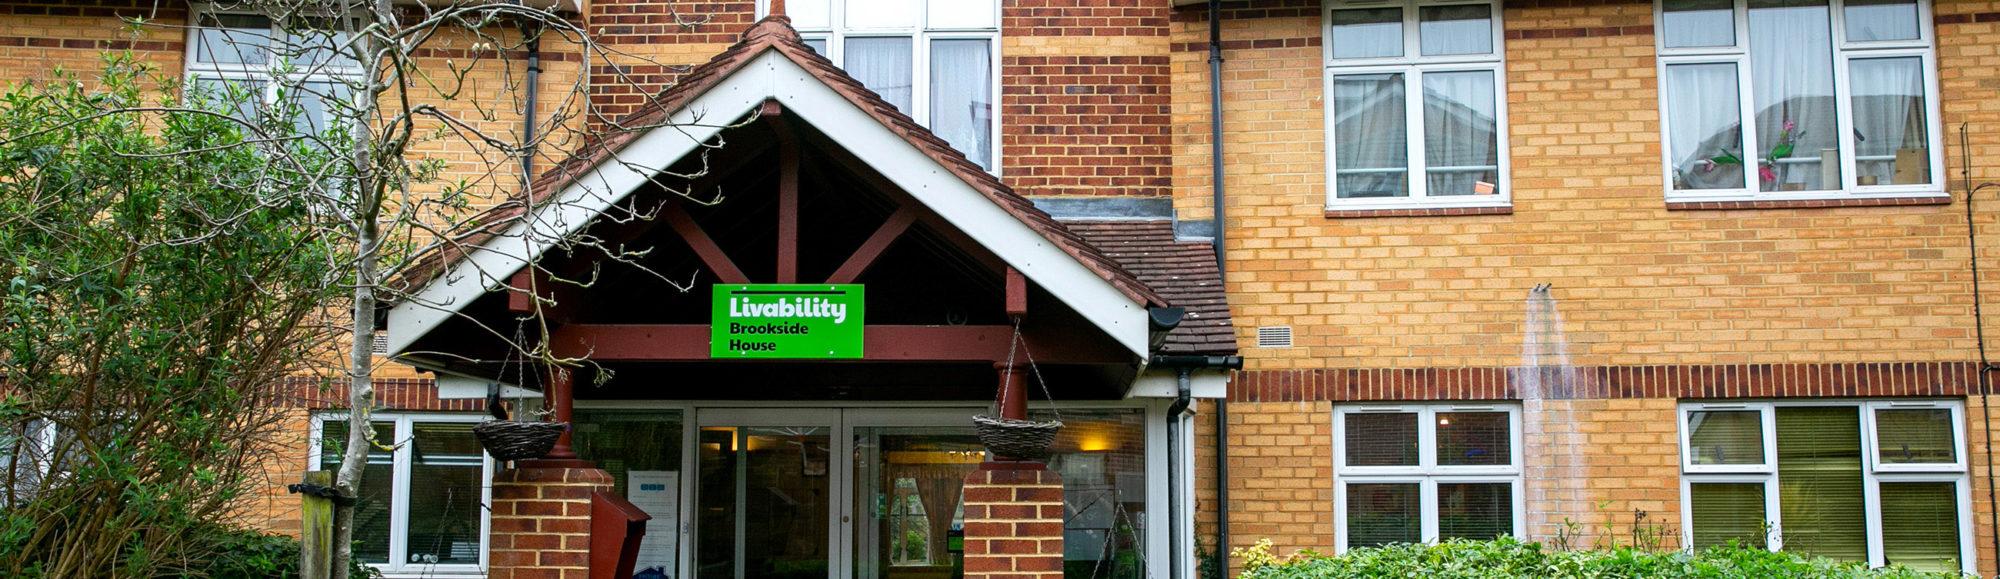 Livability Brookside House outside